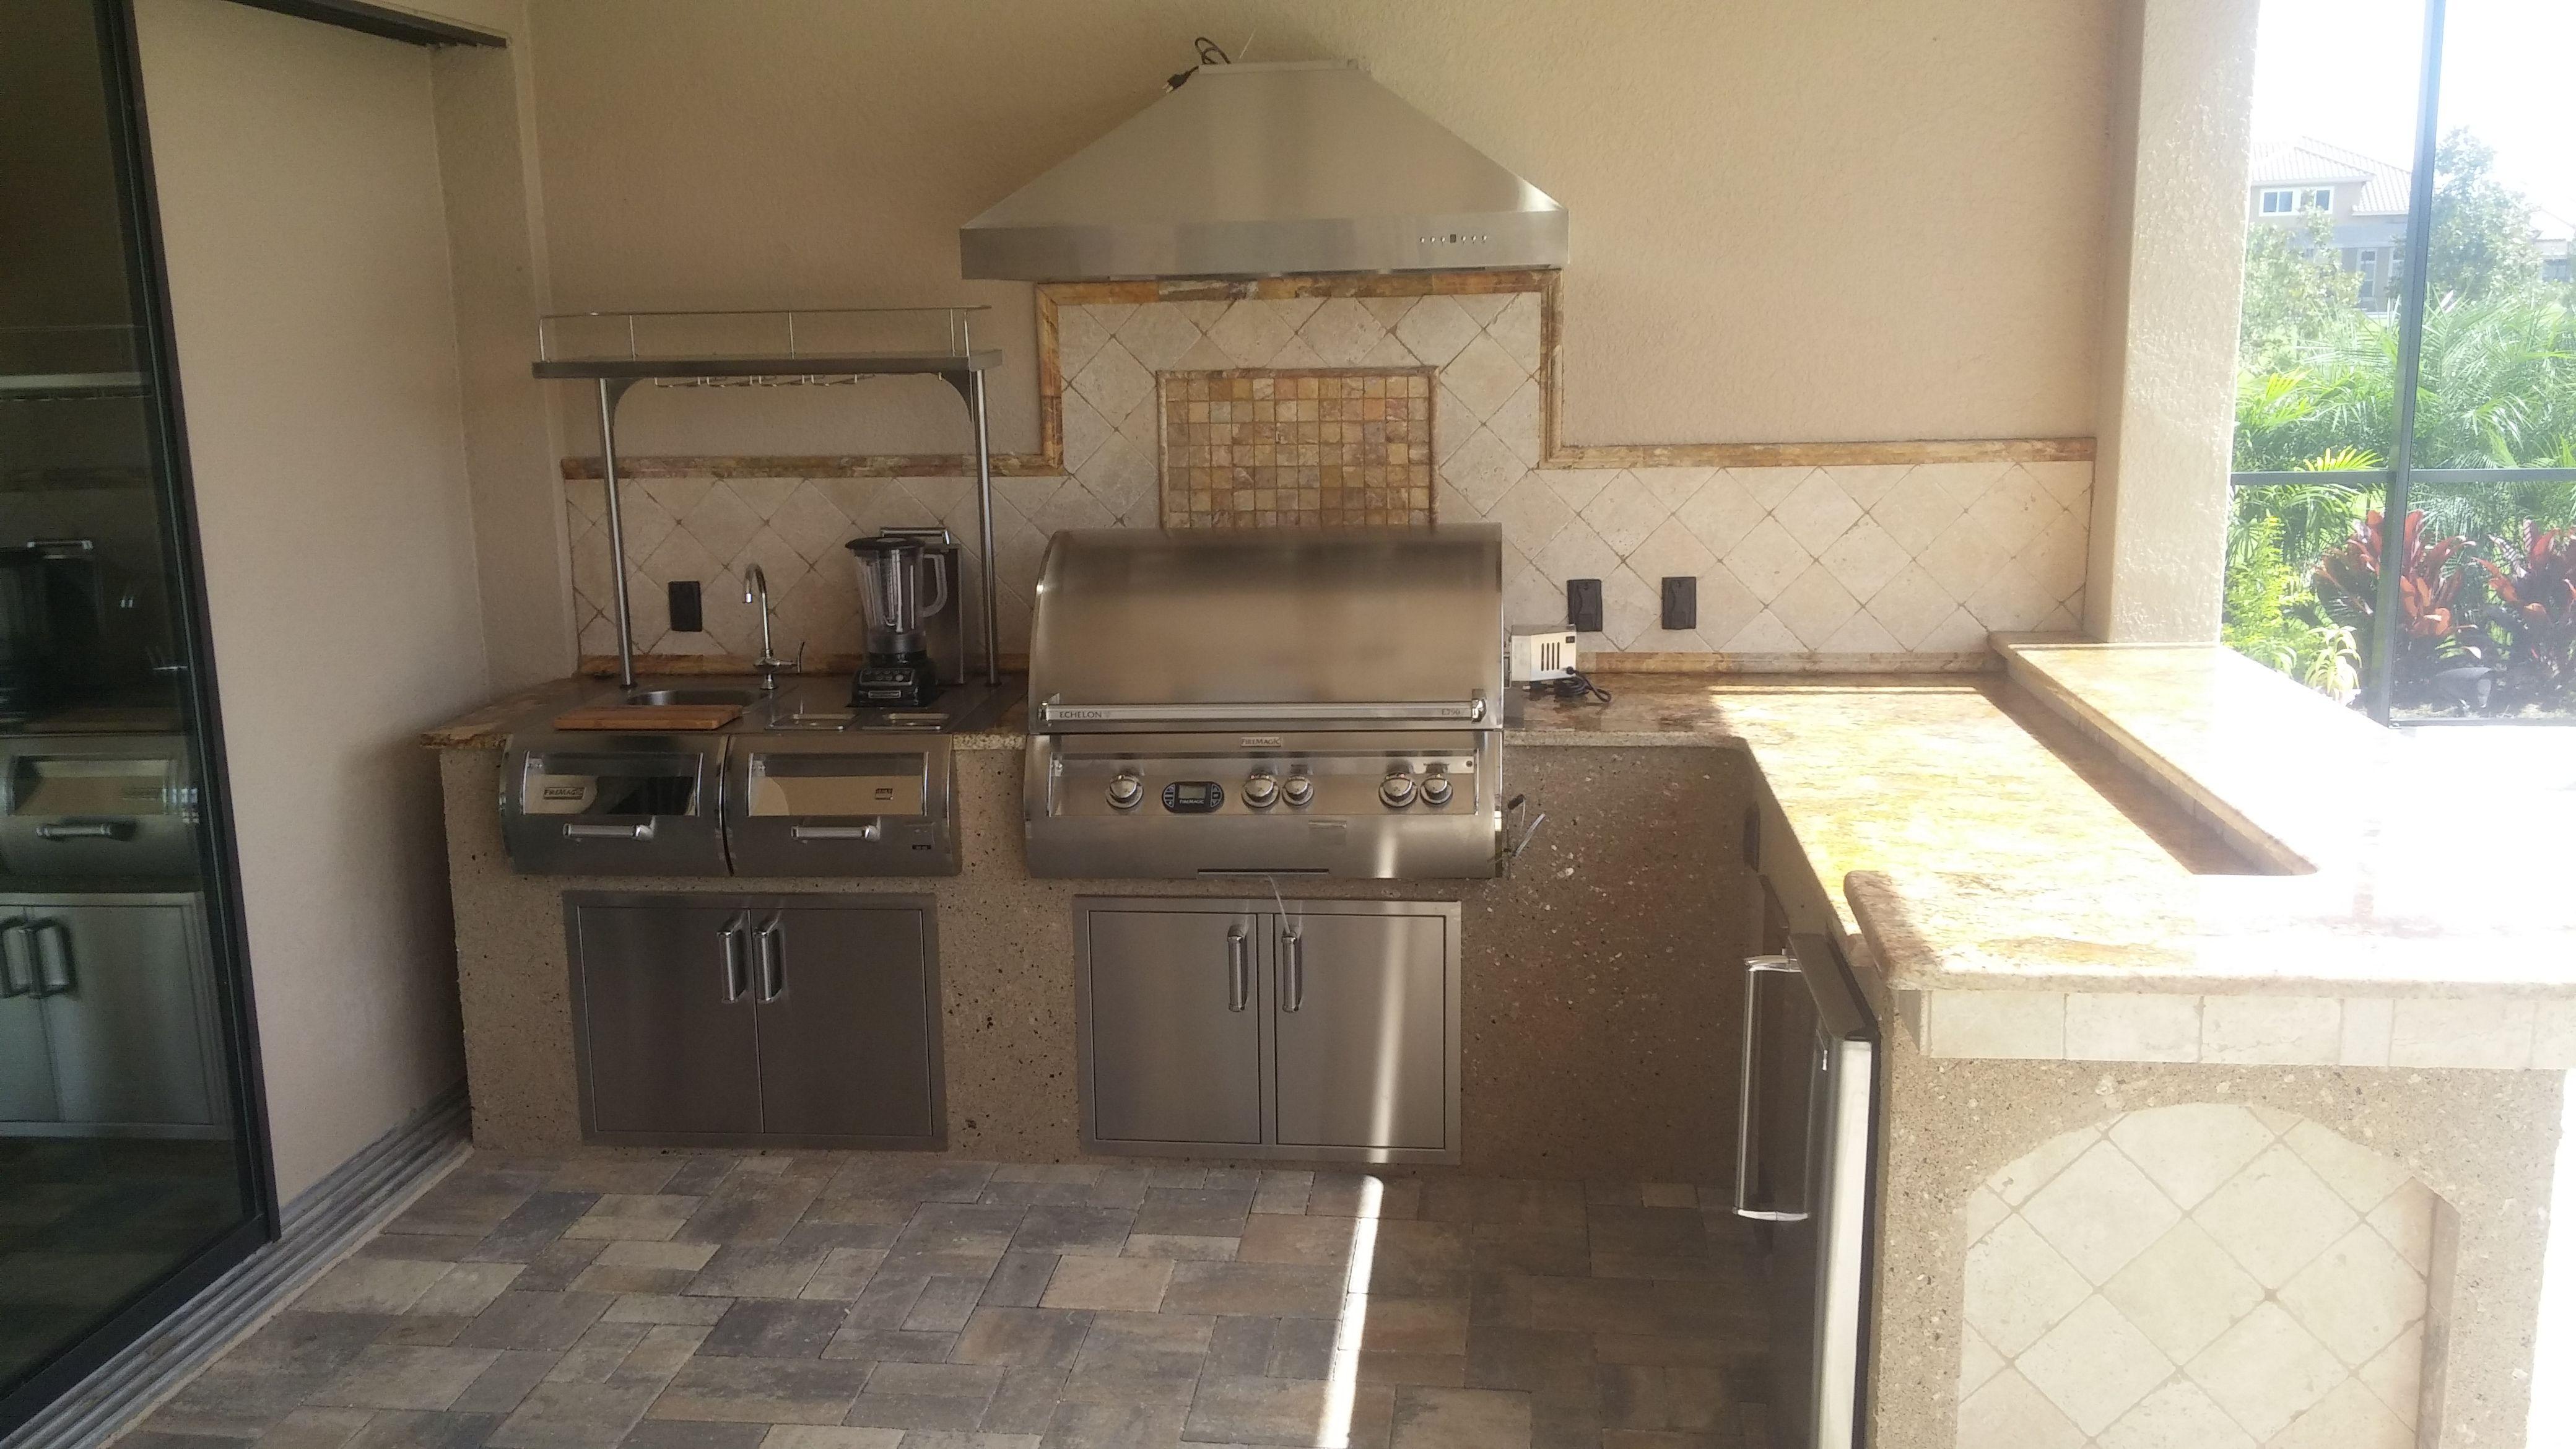 backsplash outdoor kitchen kitchen design summer kitchen on outdoor kitchen id=55205